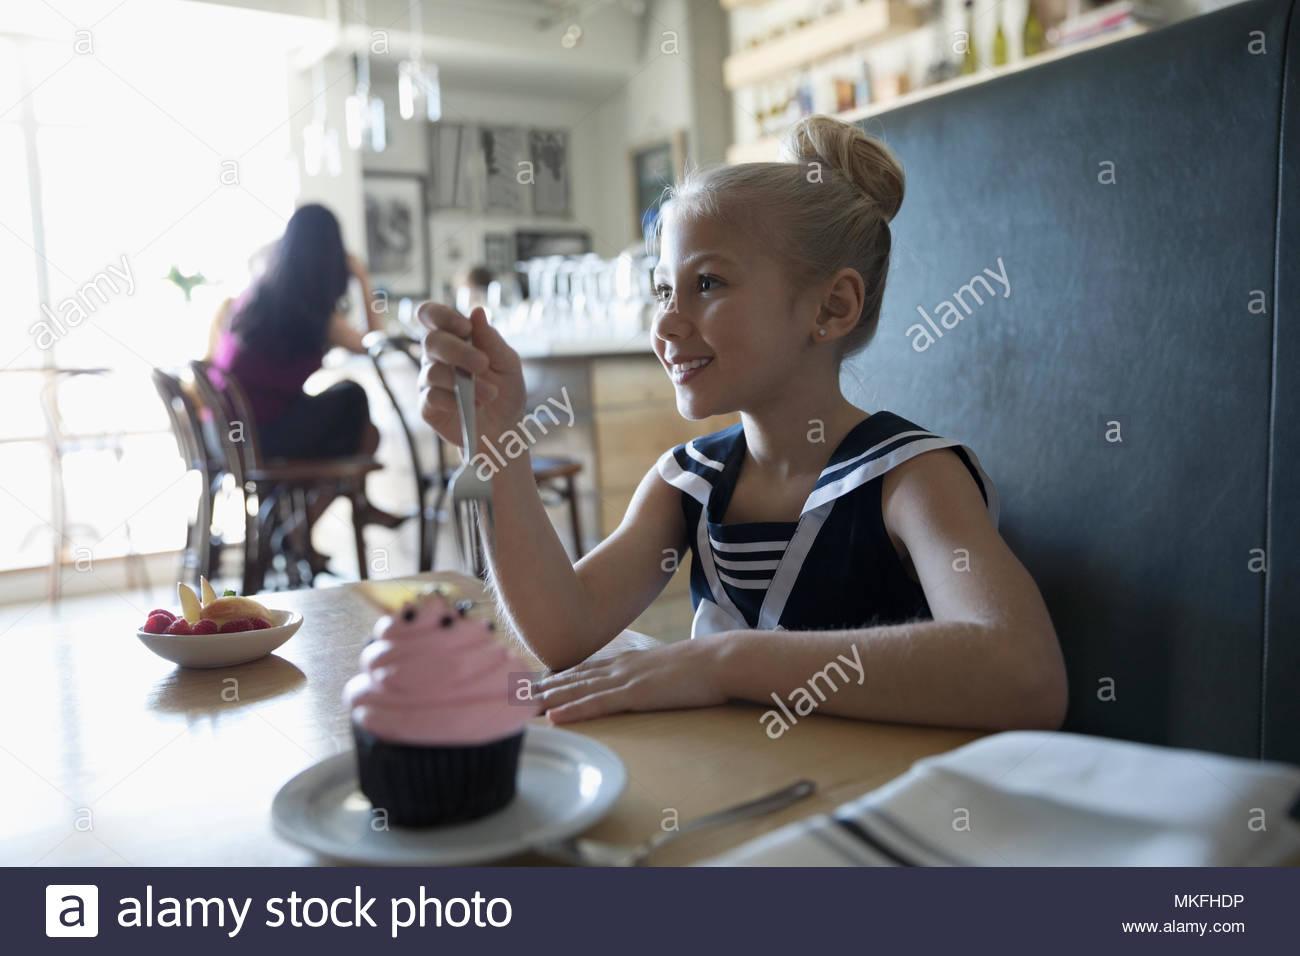 Happy girl festeggia il compleanno, mangiare cupcake in cafe Immagini Stock